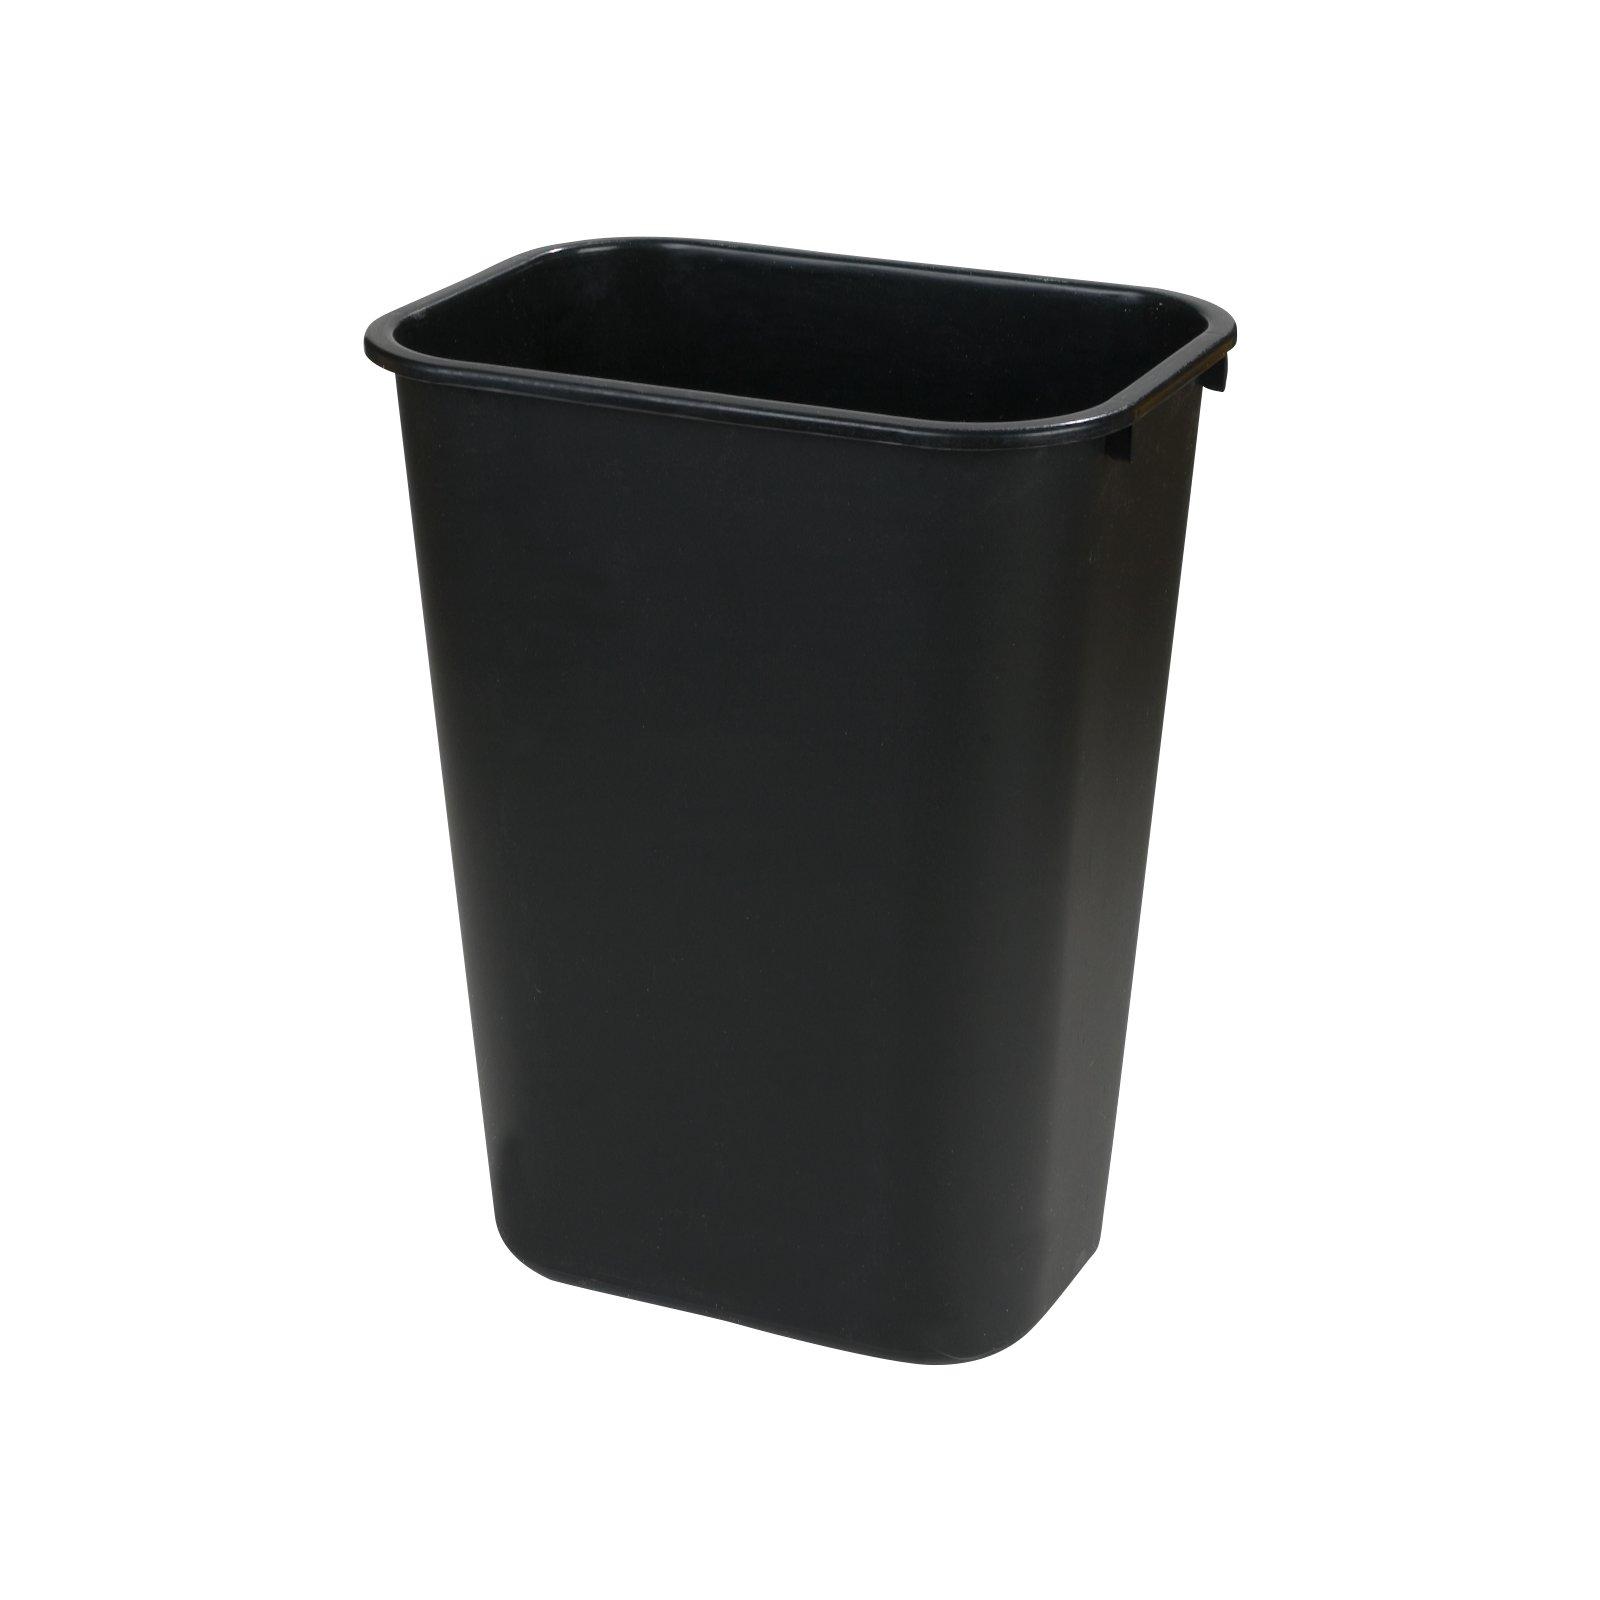 Delightful 34294103   Rectangle Office Wastebasket Trash Can 41 Quart   Black